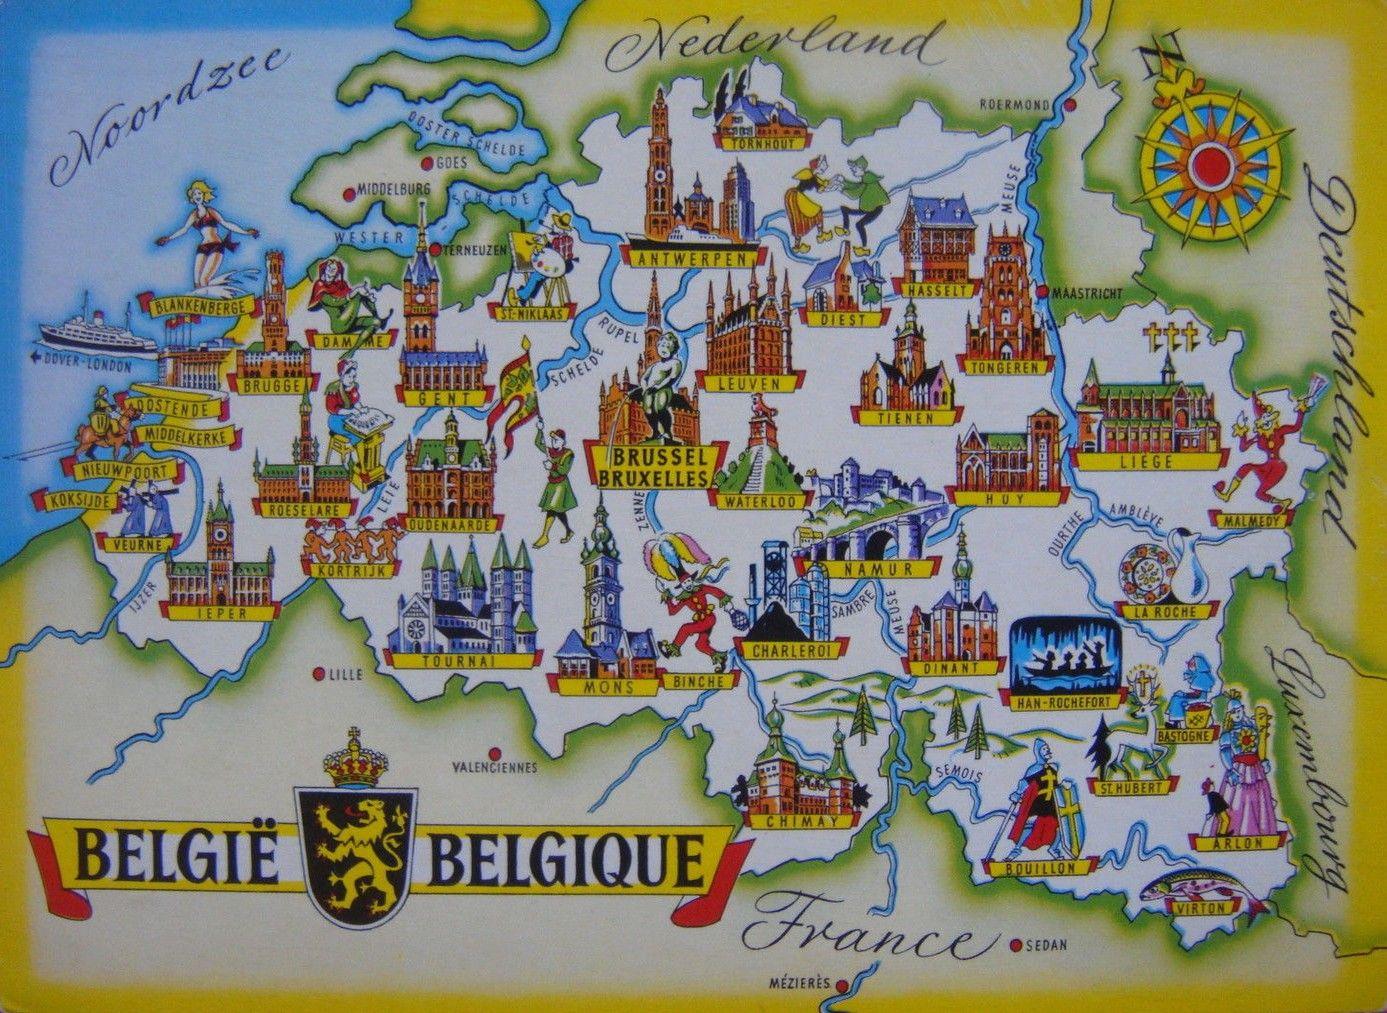 Carte Belgique Mons.Ancienne Carte Illustree Belgie Belgique Avec Le Beffroi De Mons